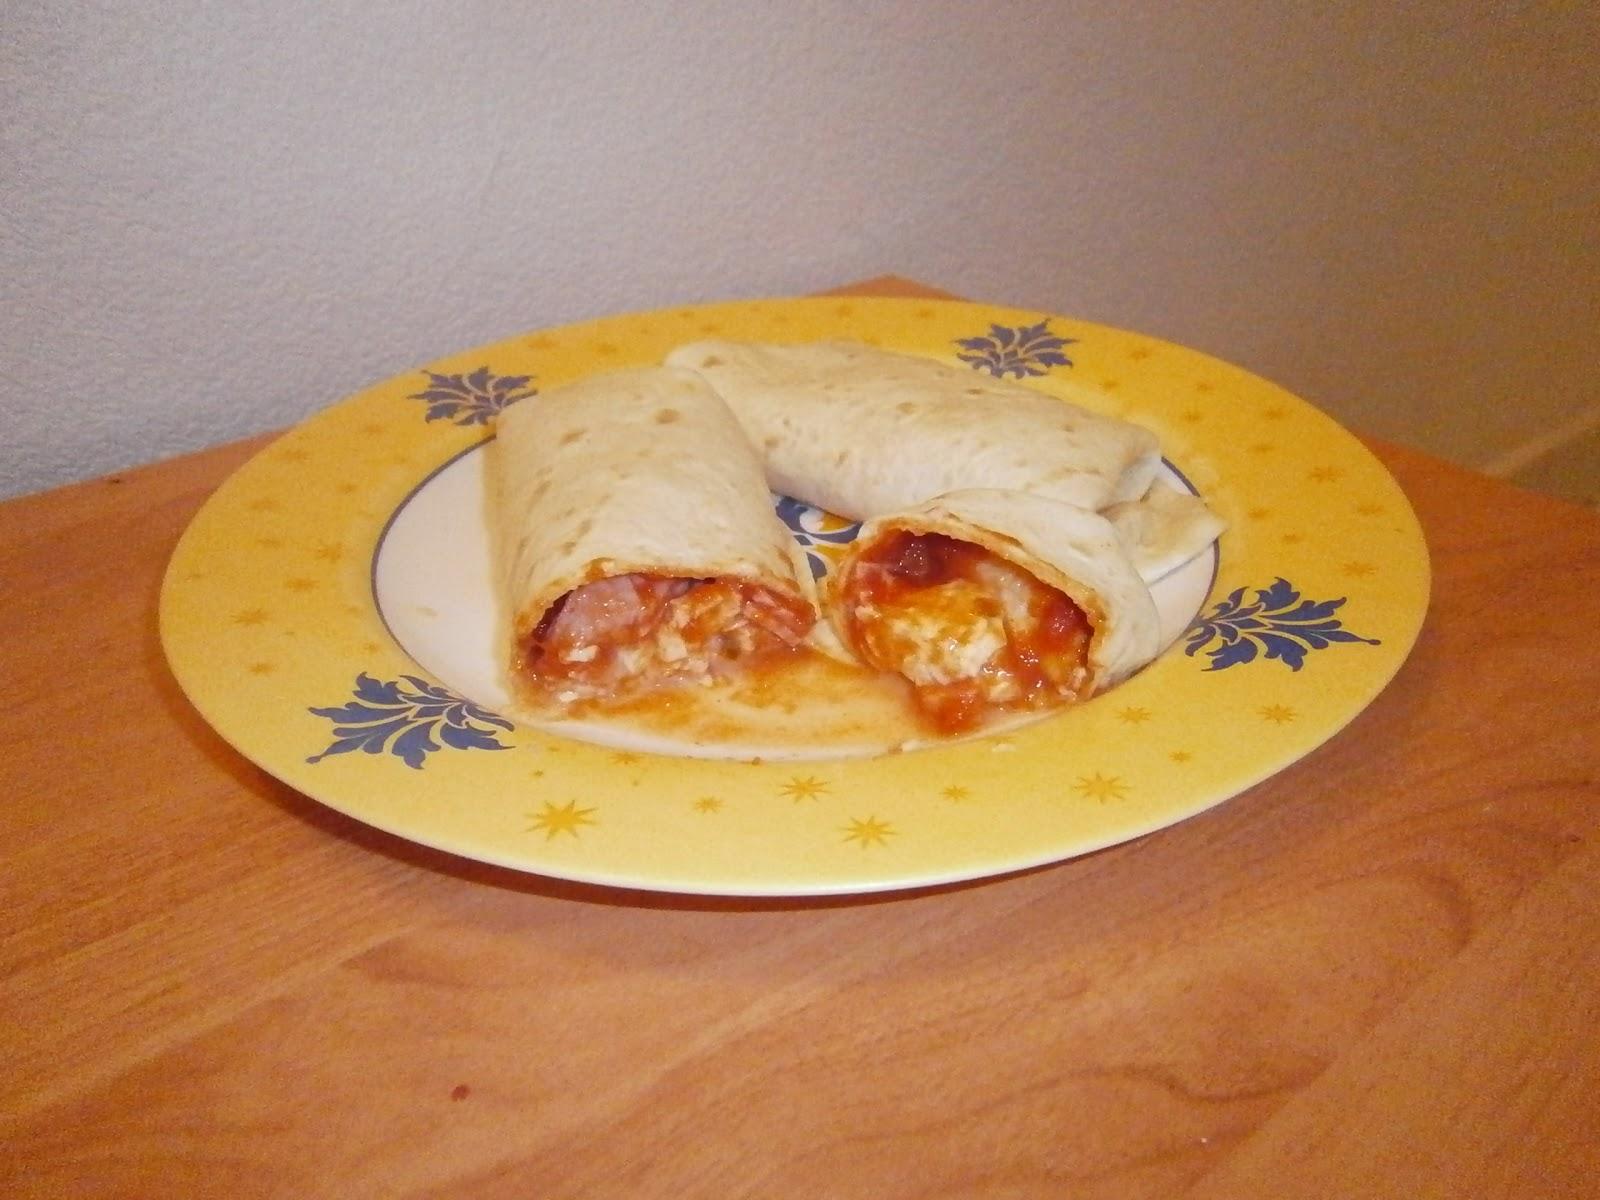 d lices d 39 une novice wrapizza wraps la sauce tomate au jambon et la mozzarella. Black Bedroom Furniture Sets. Home Design Ideas